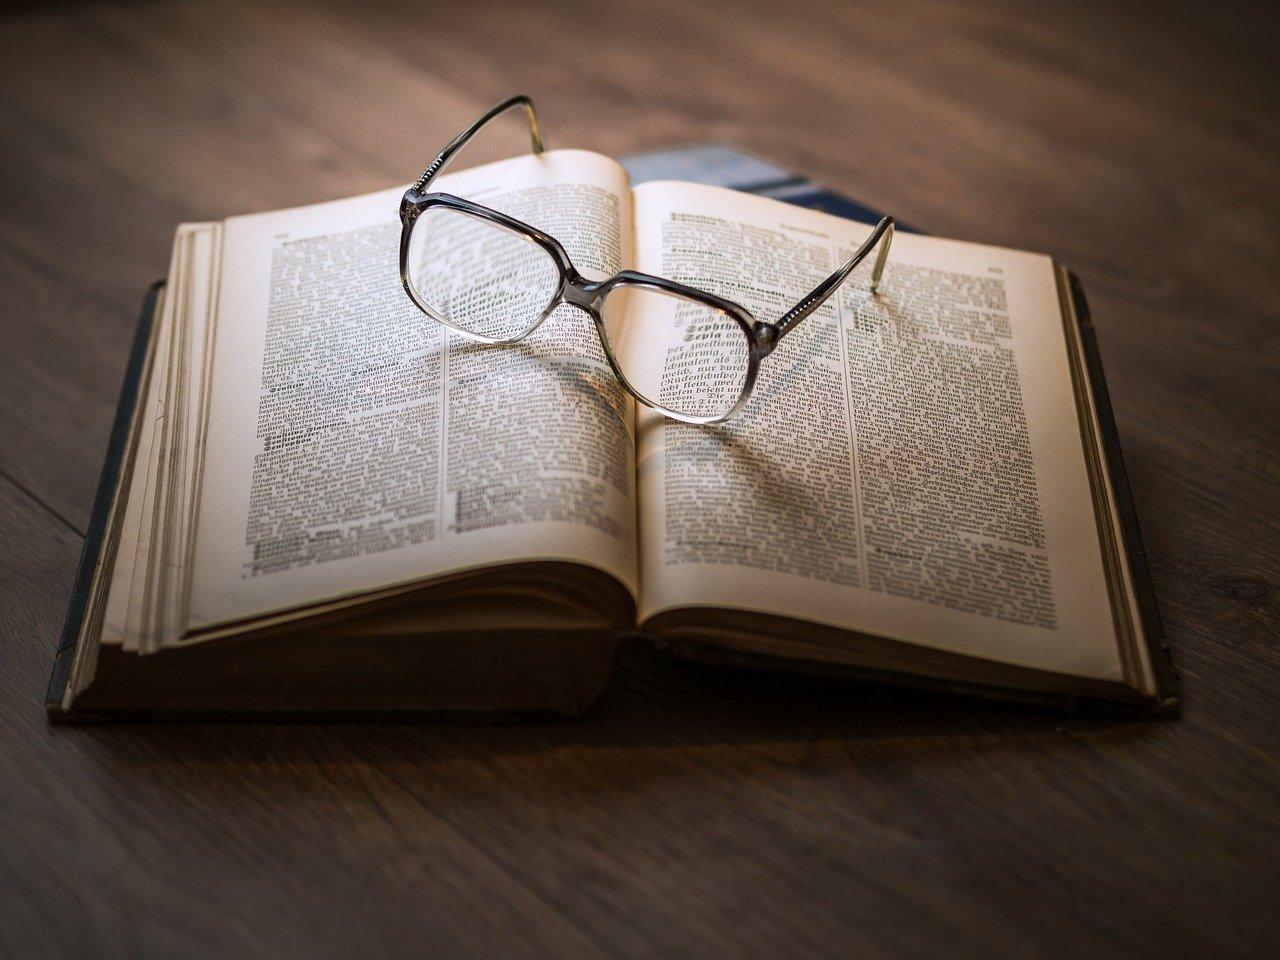 okulary na książce (pixaby.com)